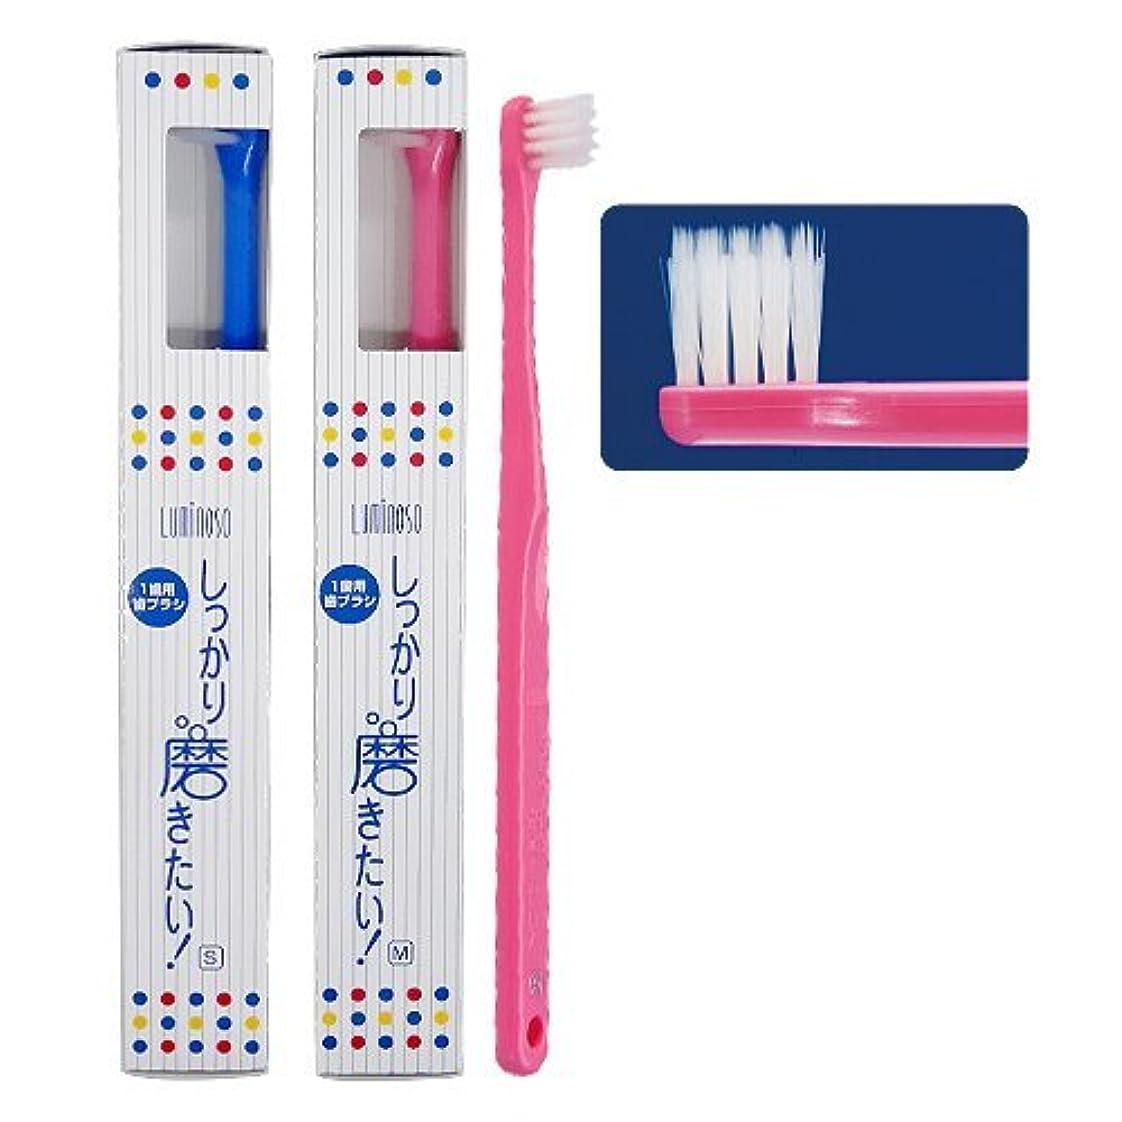 思いやりのある囲む巻き取りルミノソ 1歯用歯ブラシ「しっかり磨きたい!」スタンダード ソフト (カラー指定不可) 5本